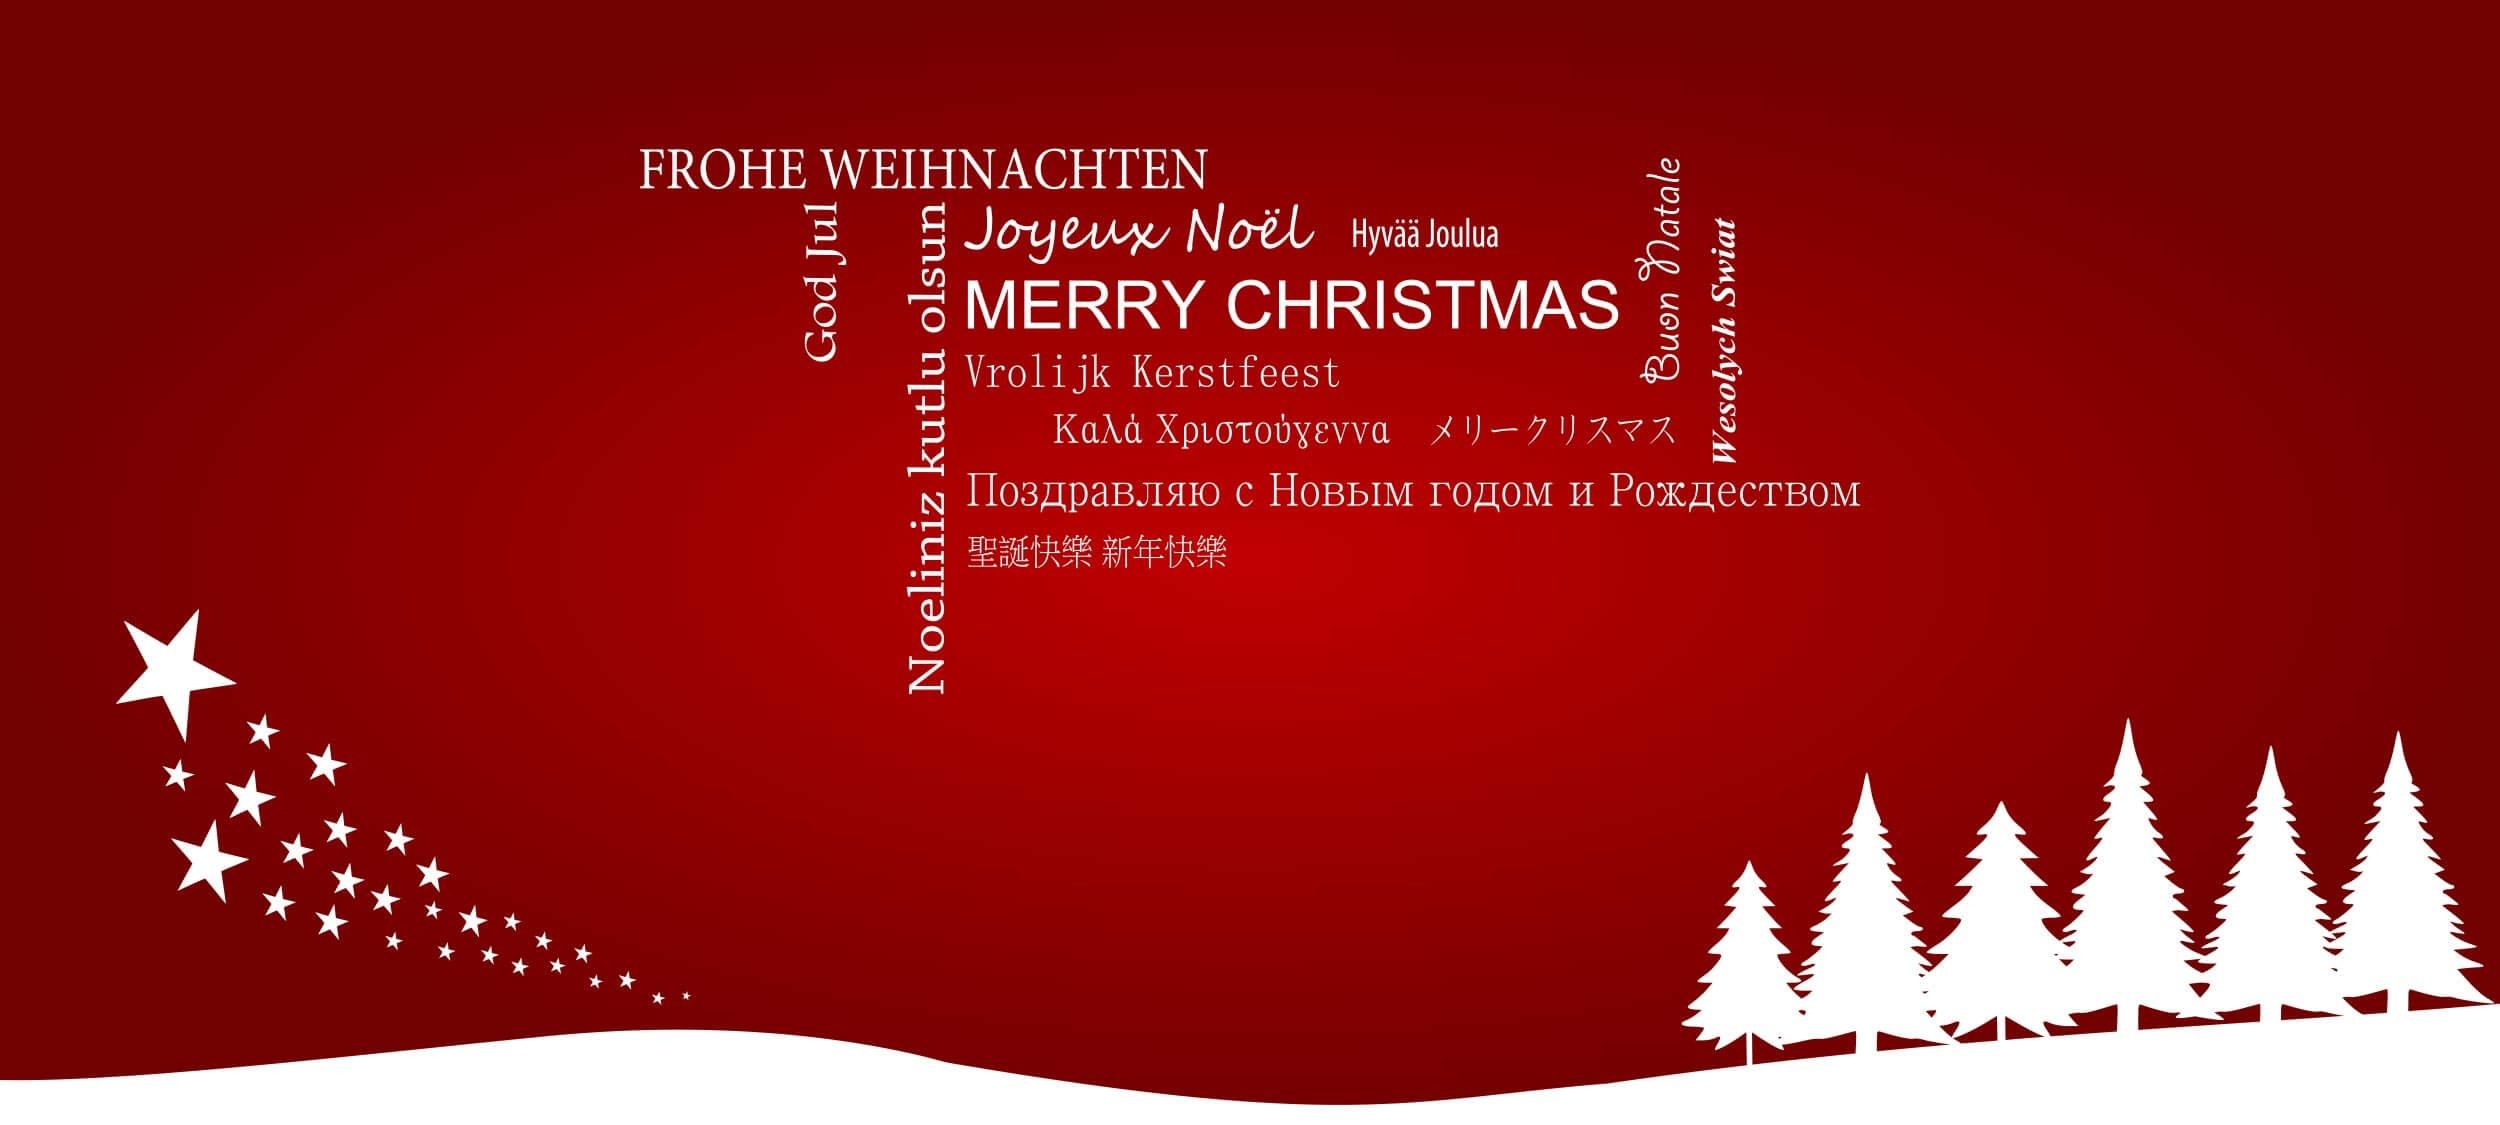 Weihnachtsbräuche: So feiert man Weihnachten in anderen Ländern ...